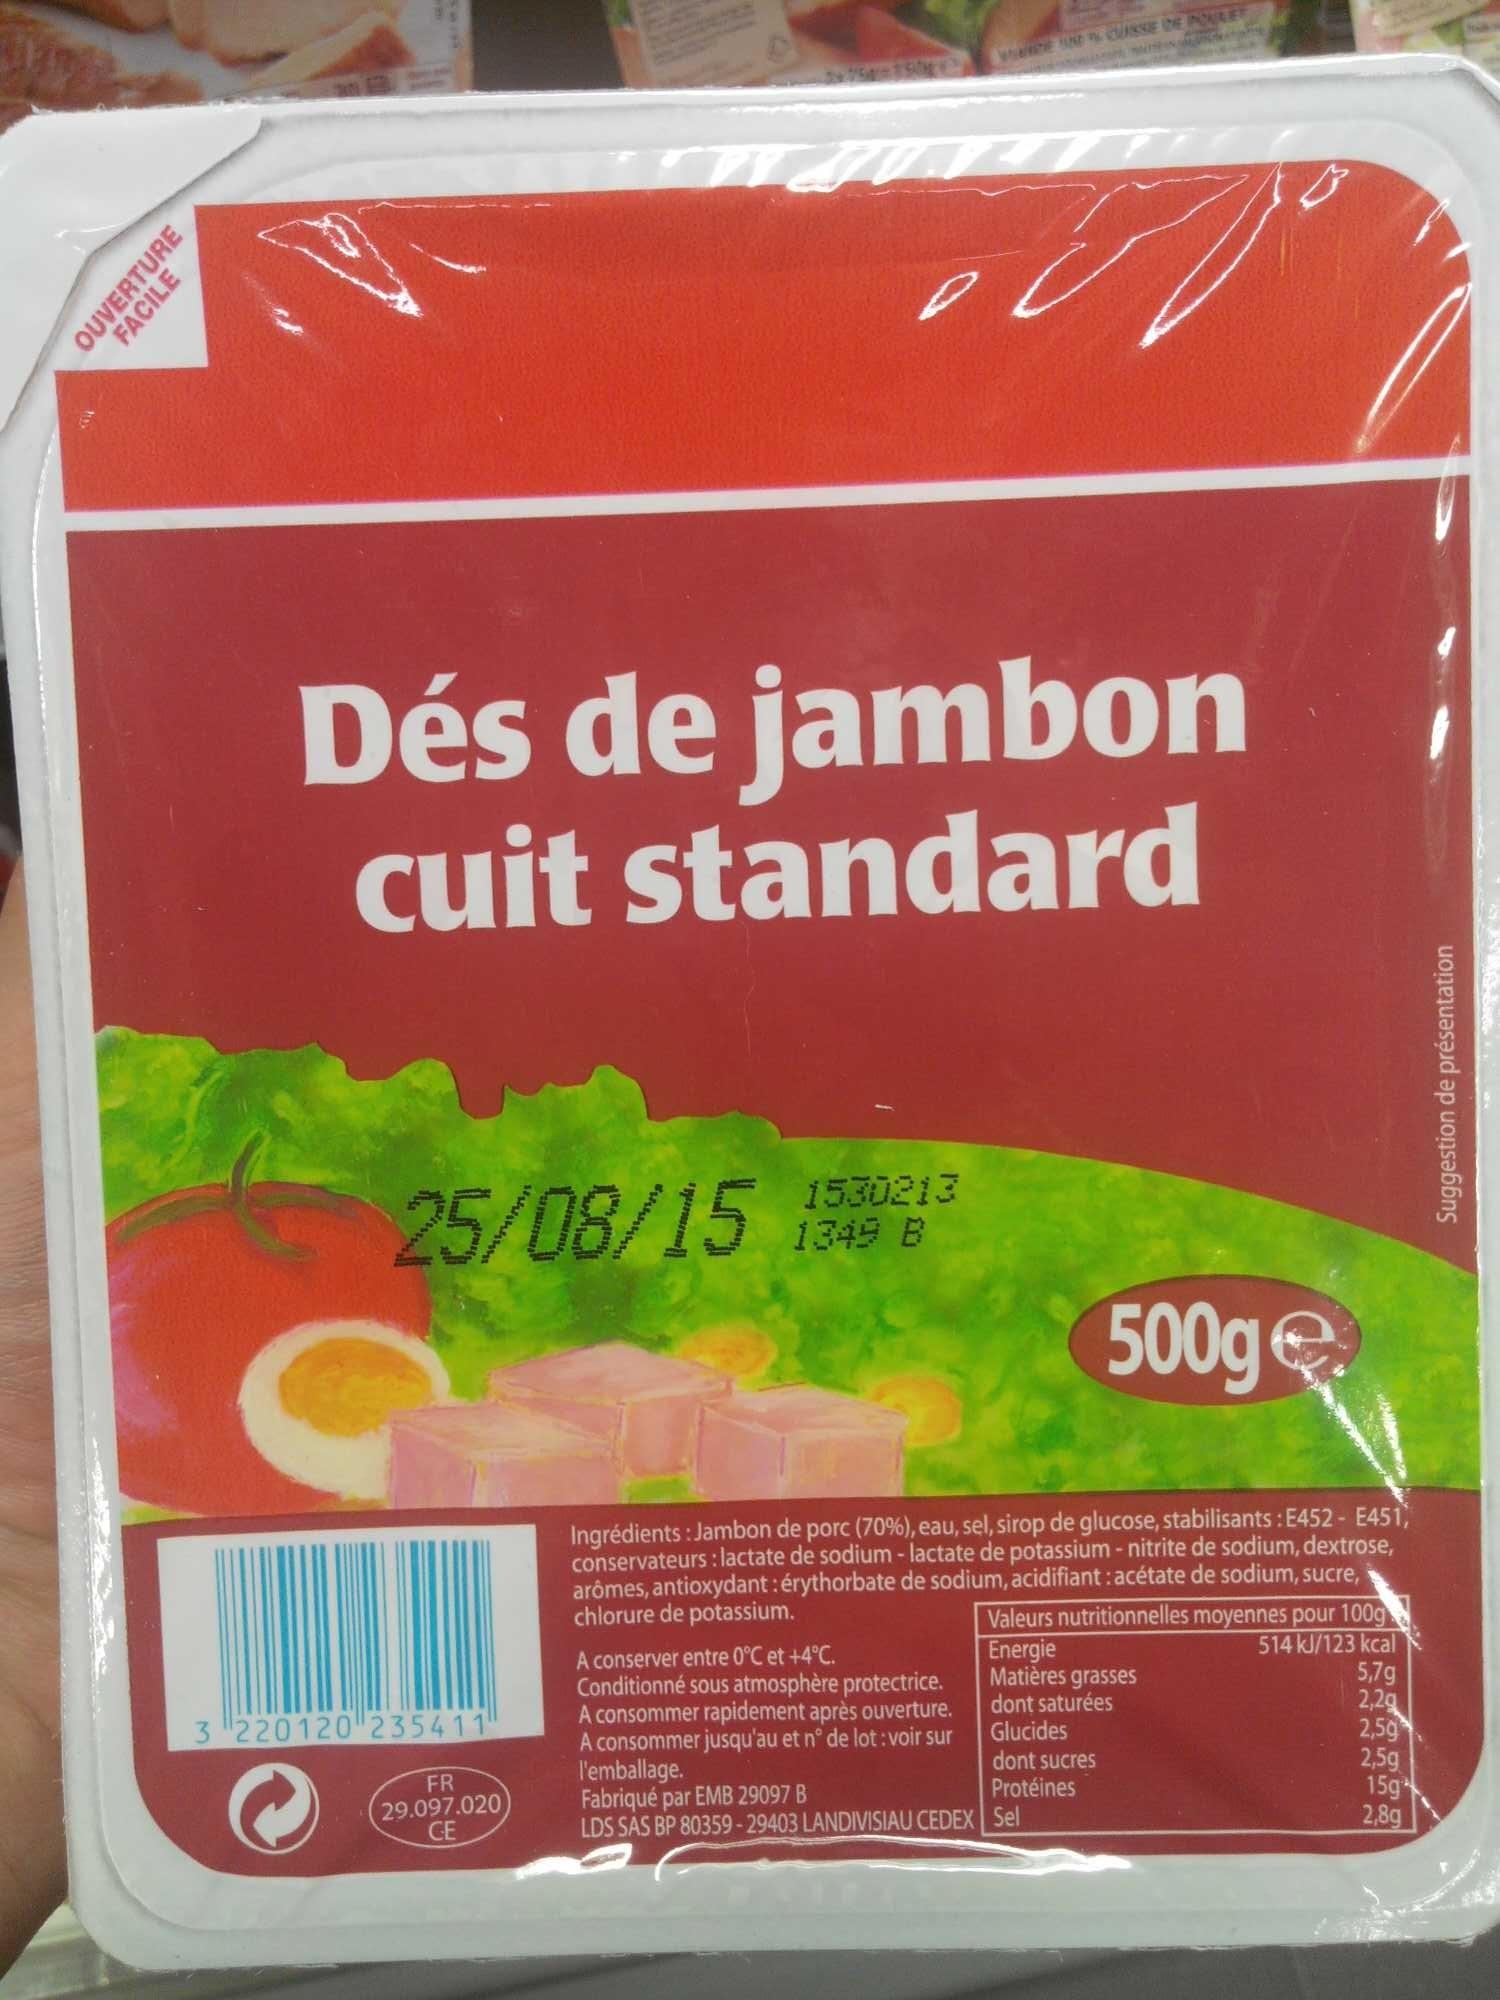 Dés de jambon cuit standard - Produit